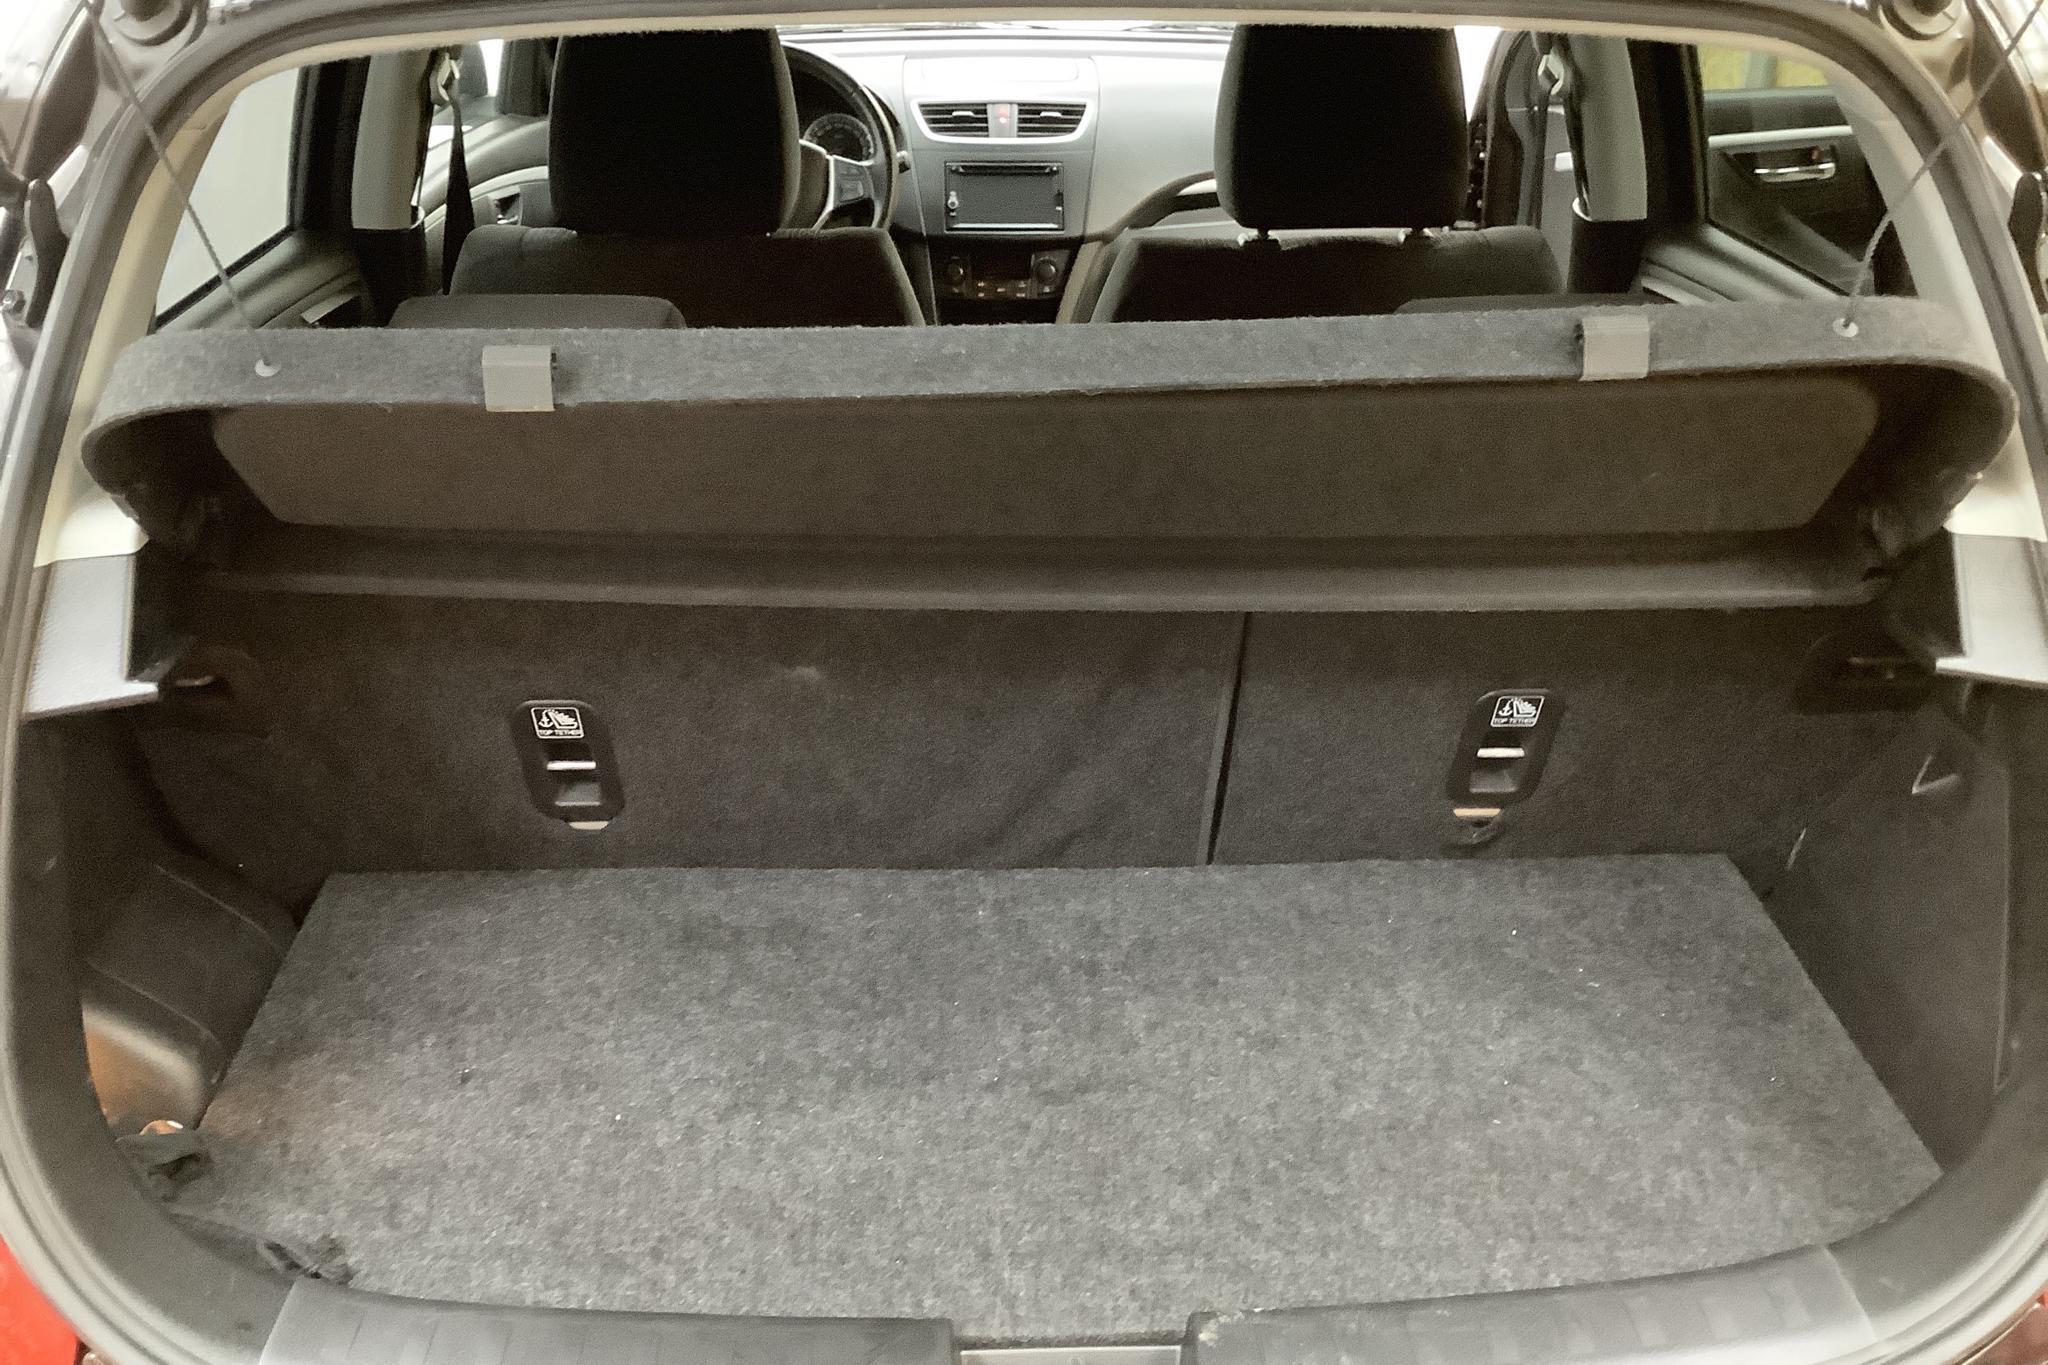 Suzuki Swift 1.2 4x4 5dr (94hk) - 10 018 mil - Manuell - brun - 2014